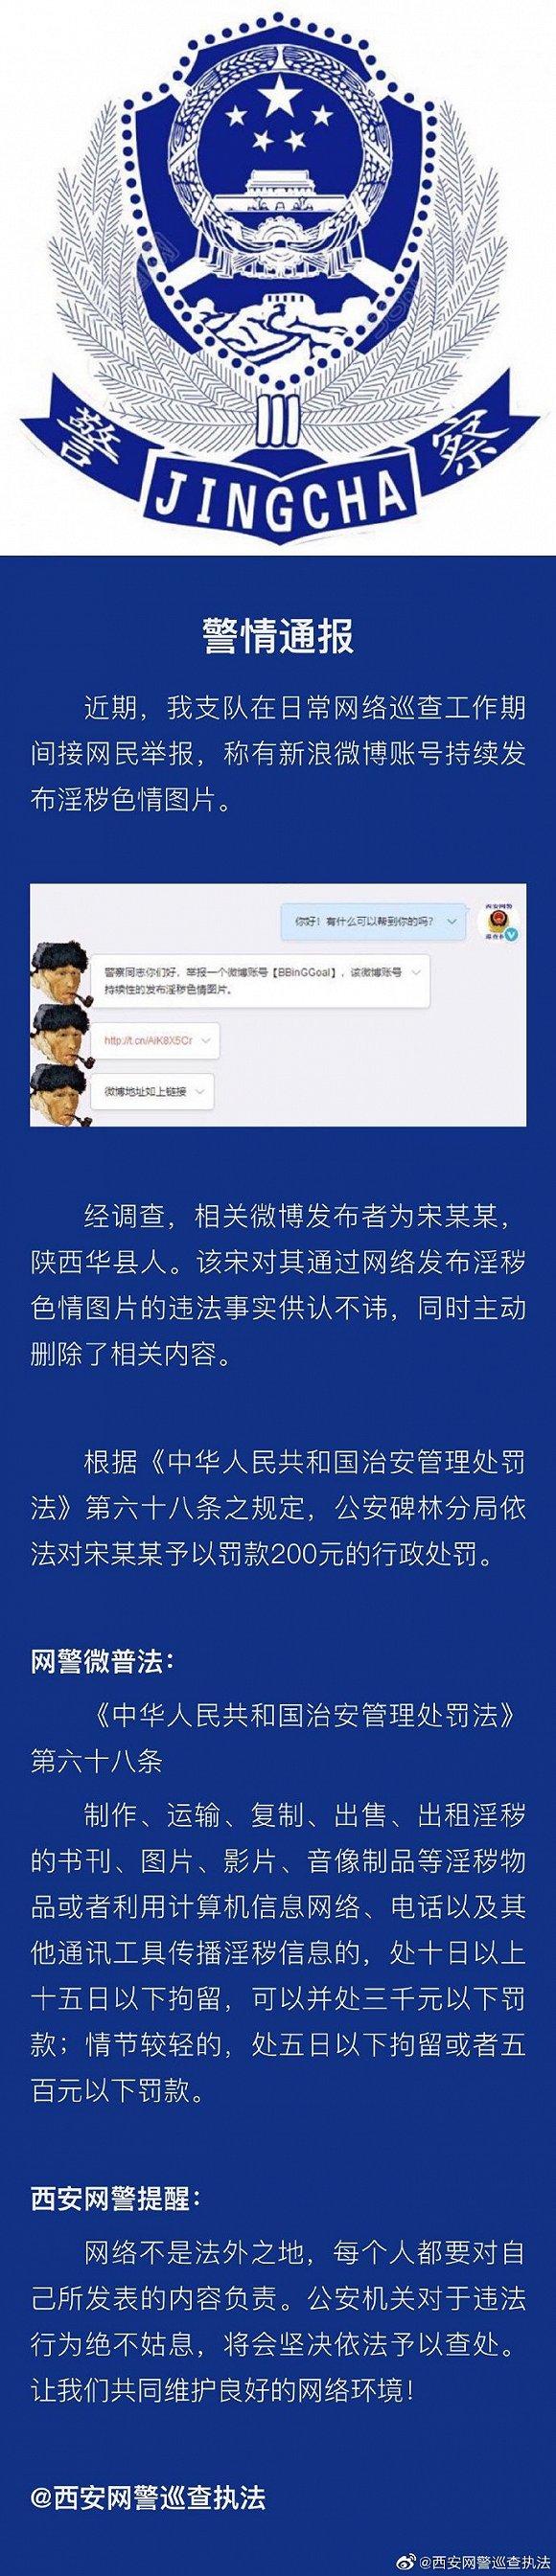 陜西一微博網友持續發布淫穢色情圖片,被罰款200元